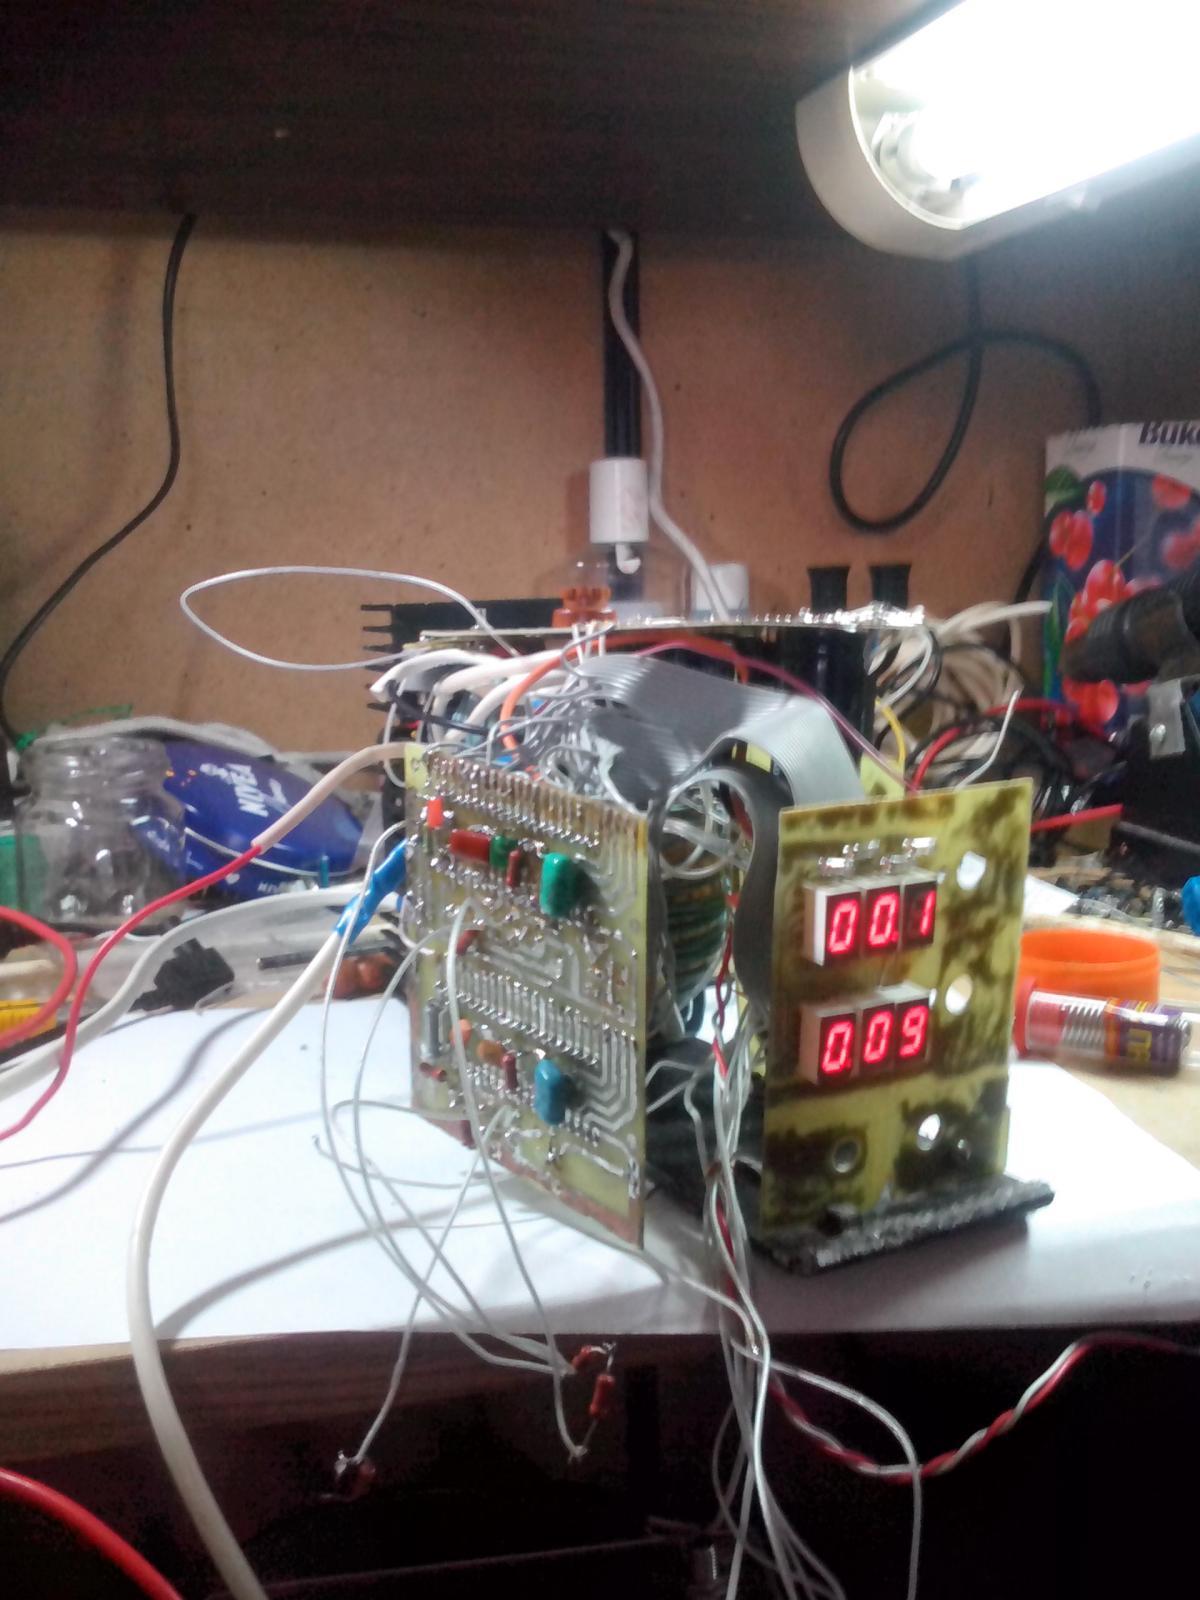 схема цифровой вольтметр для блока питания на icl 7107